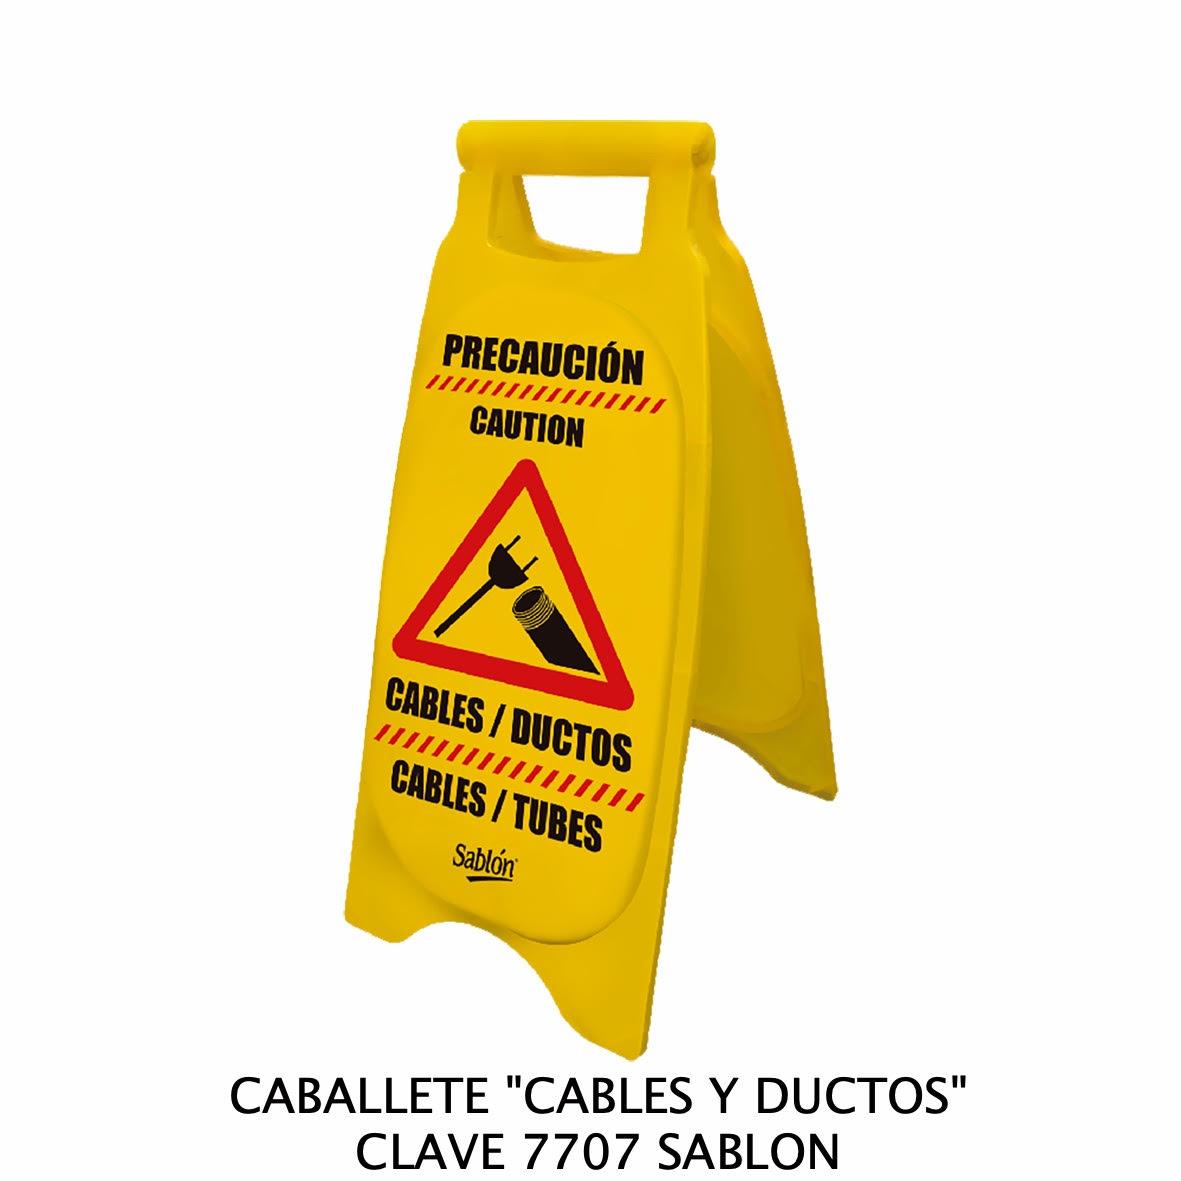 Caballete con señal CABLES Y DUCTOS Clave 7707 de Sablón